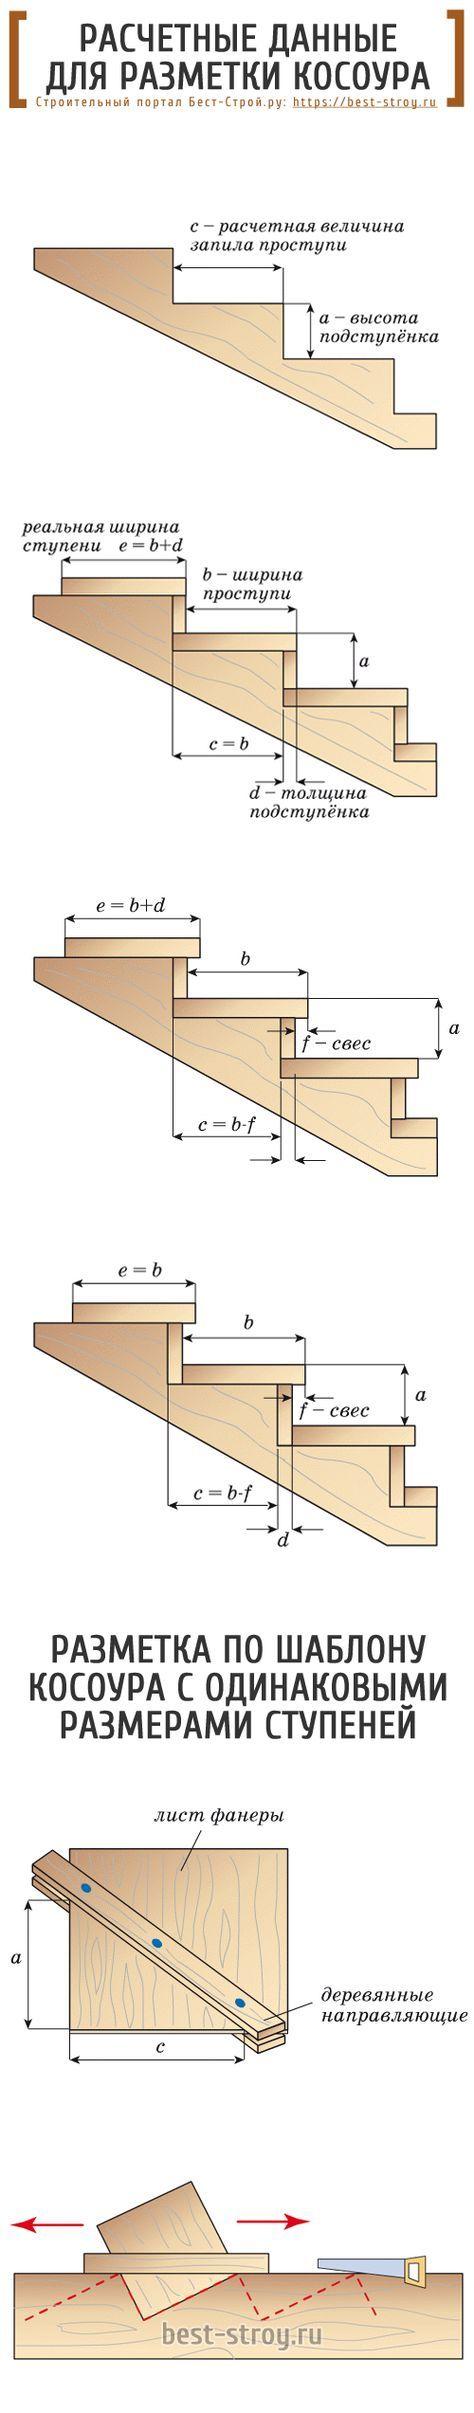 Деревянная лестница своими руками: фото, видео изготовления деревянная лестница своими руками: фото, видео изготовления